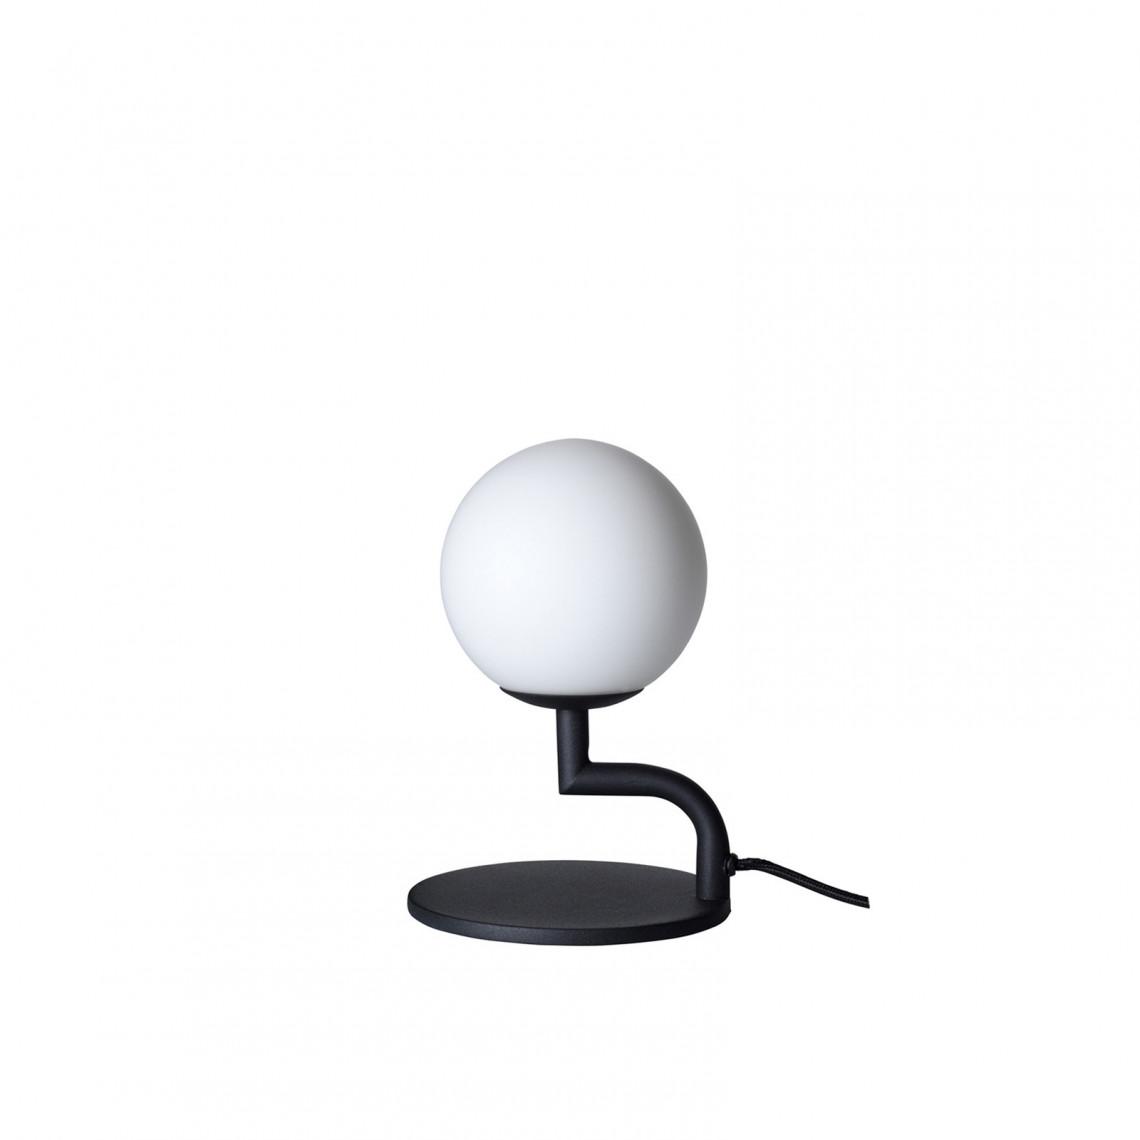 mobil bordslampa